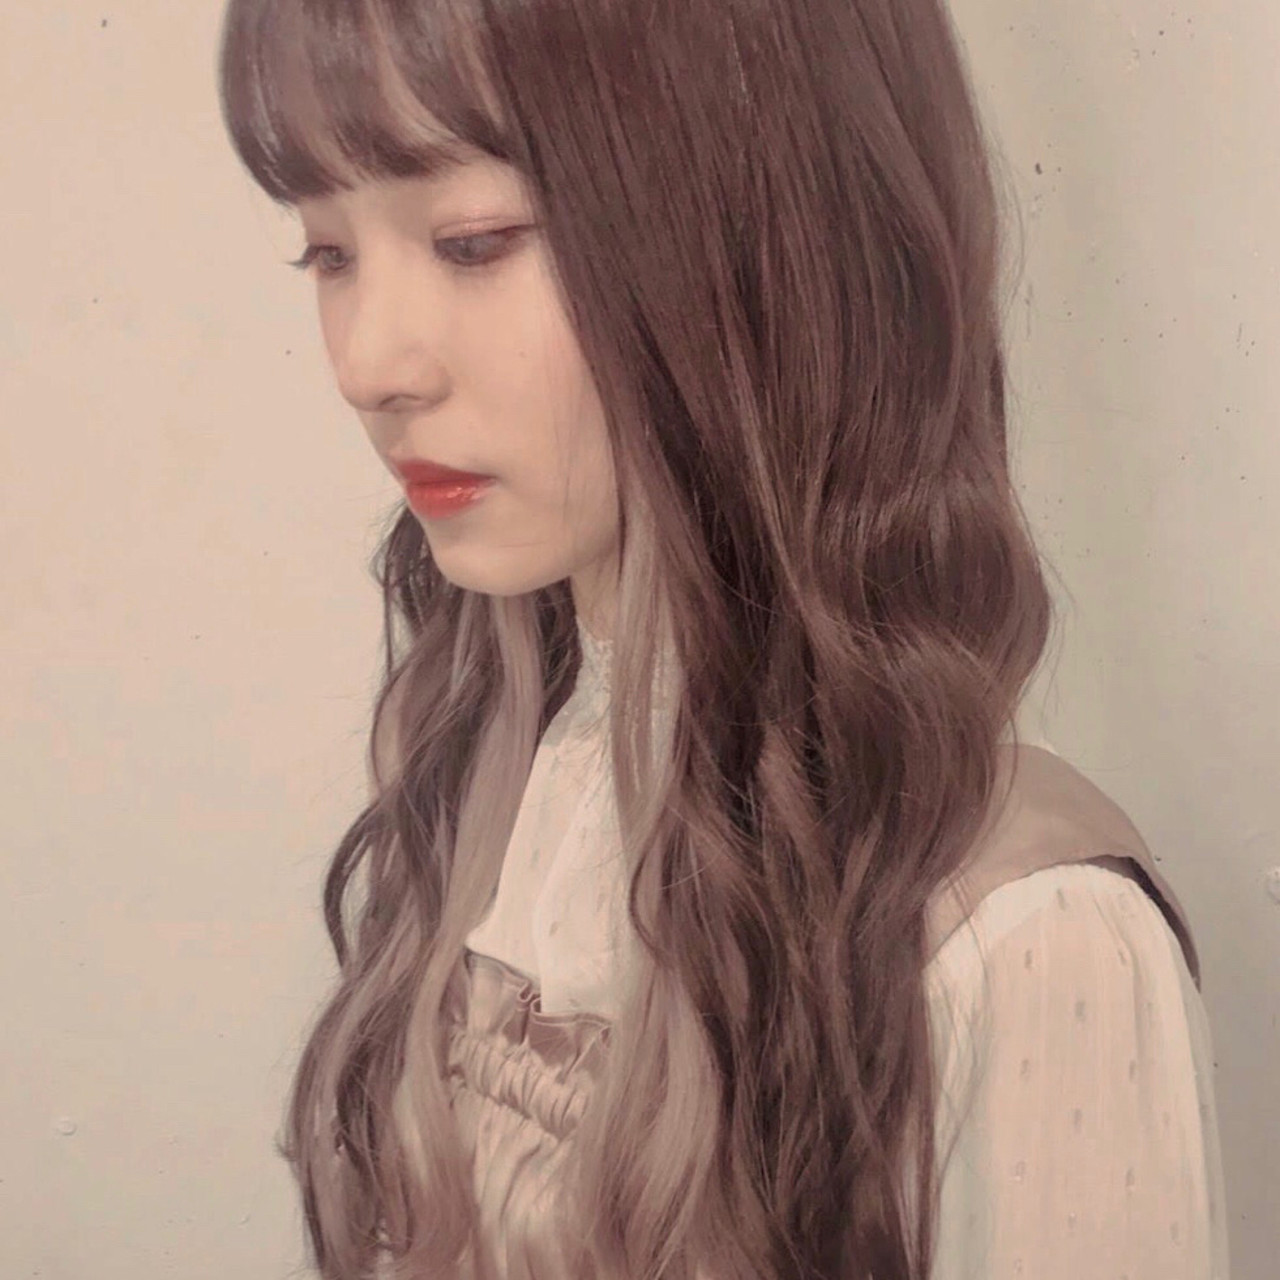 イルミナカラー ロング 透明感 ミルクティーベージュ ヘアスタイルや髪型の写真・画像